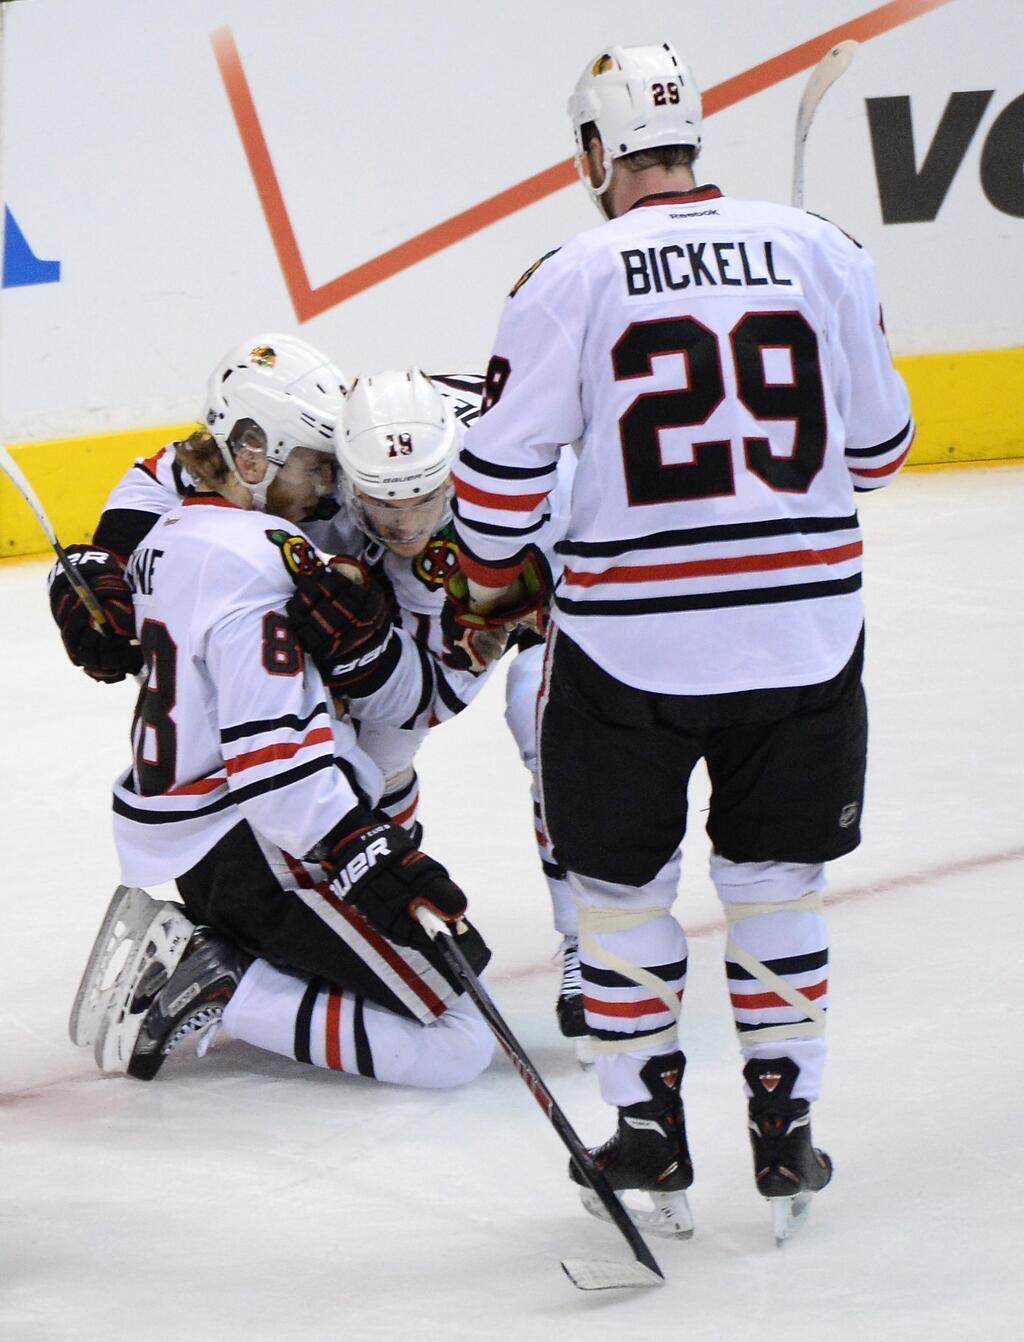 Dana Moran On Twitter Chicago Blackhawks Hockey Nhl Hockey Teams Chicago Blackhawks